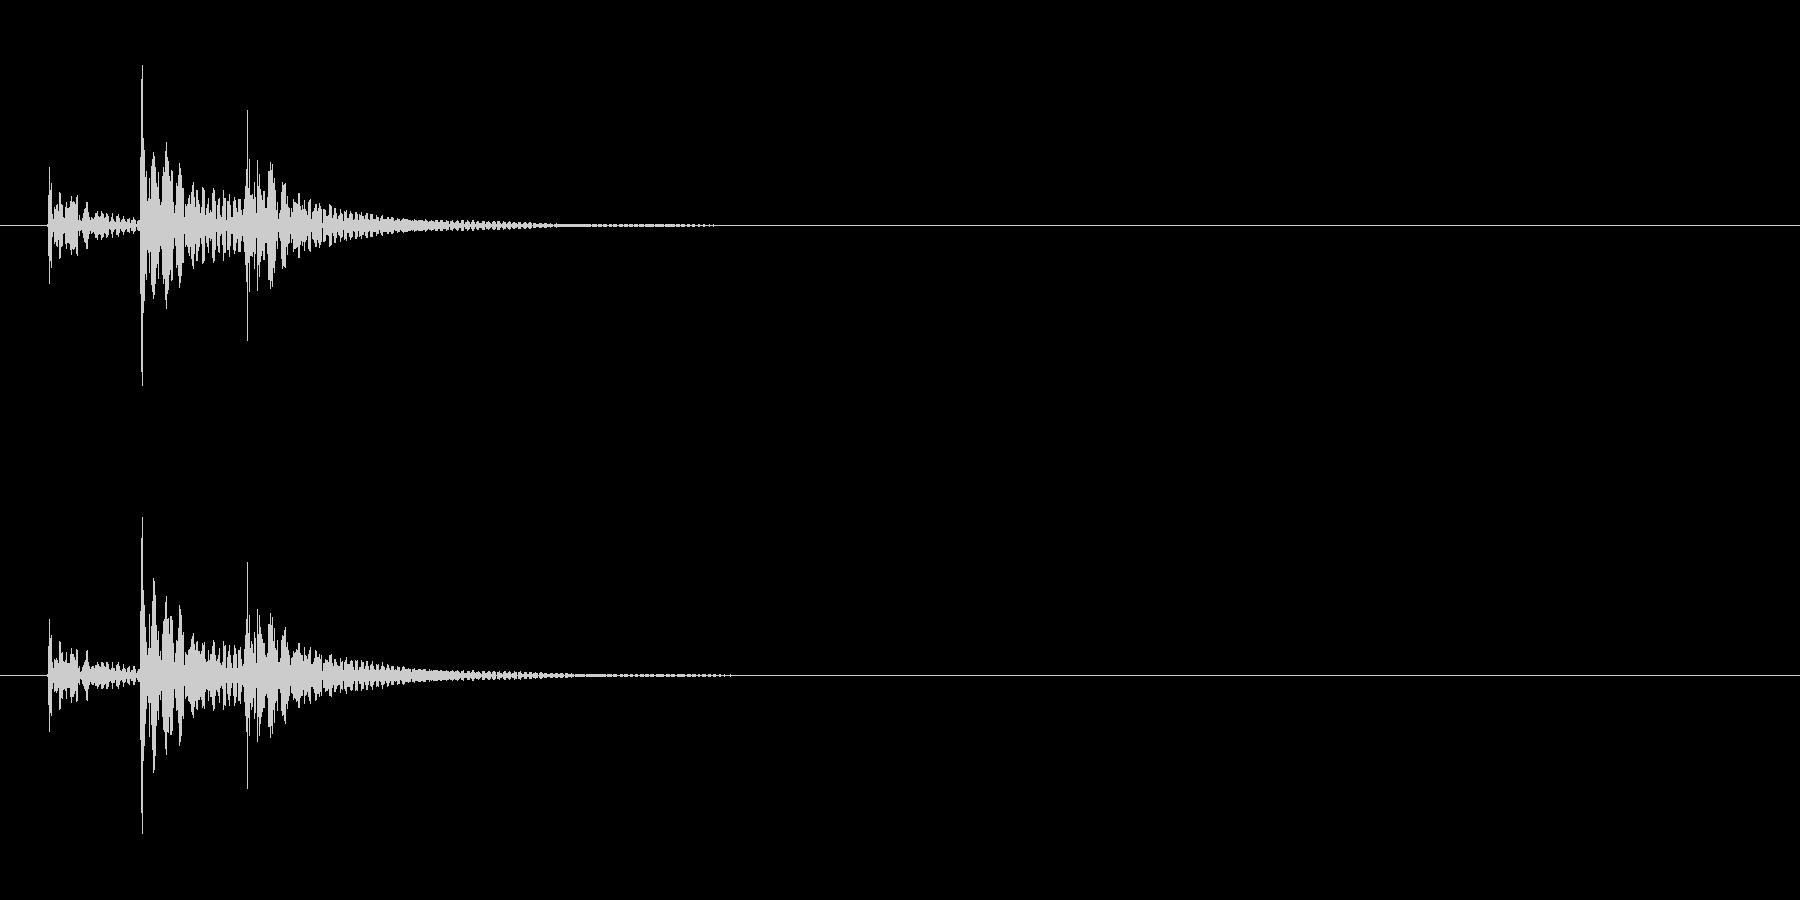 和太鼓の締太鼓の単発音の未再生の波形